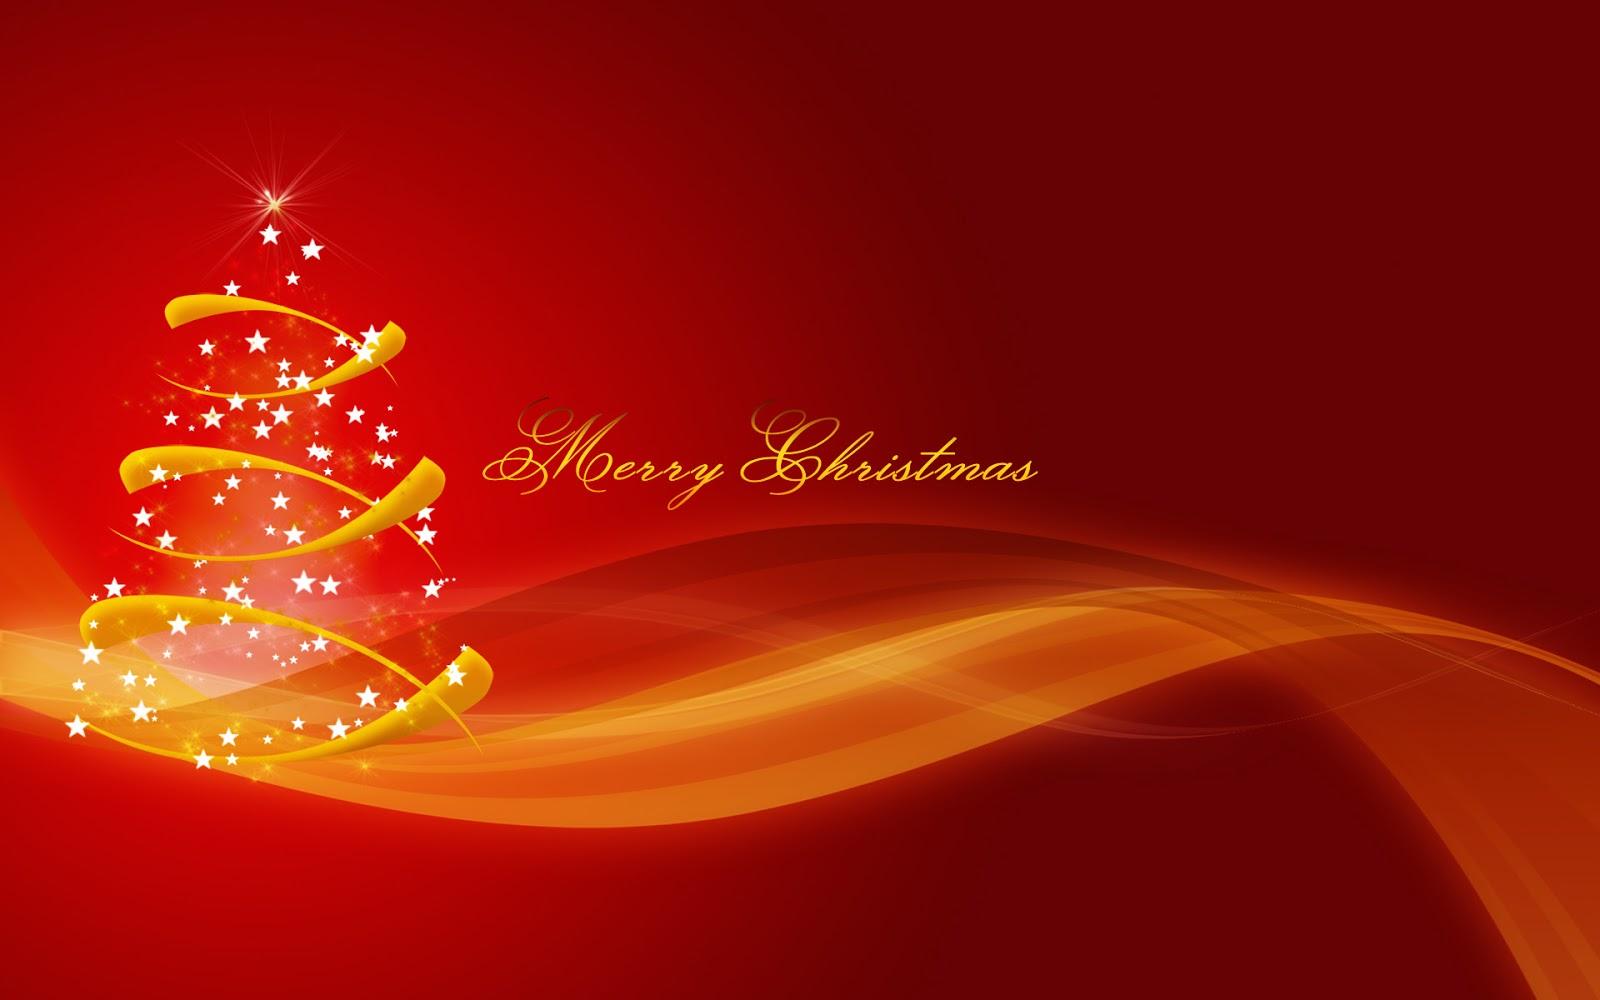 merry christmas meaning in urdu